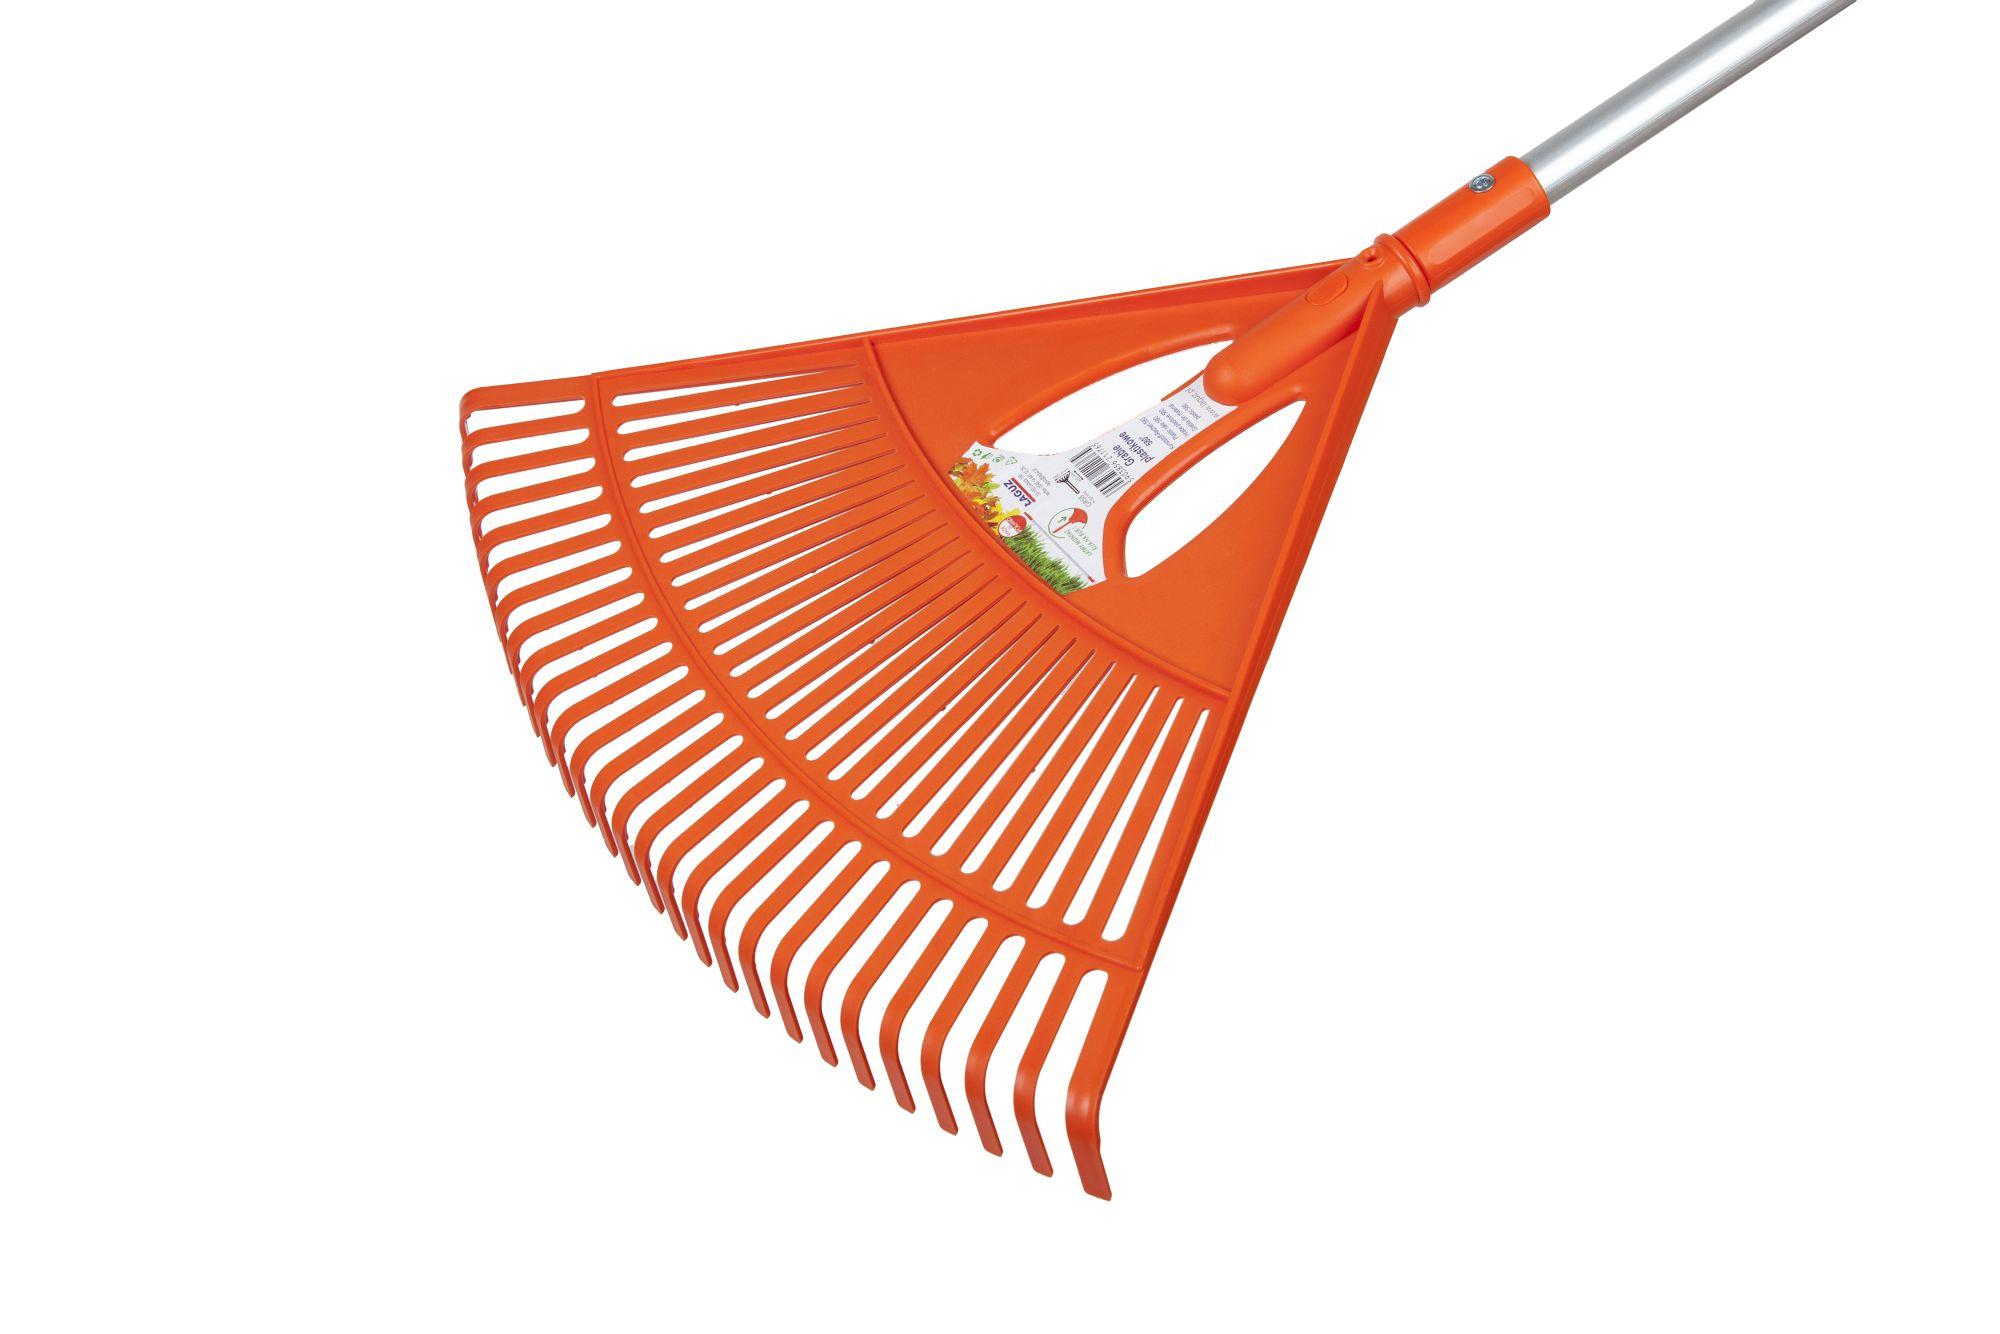 Грабли пластиковые KLIK 580 мм (рукоять продается отдельно)